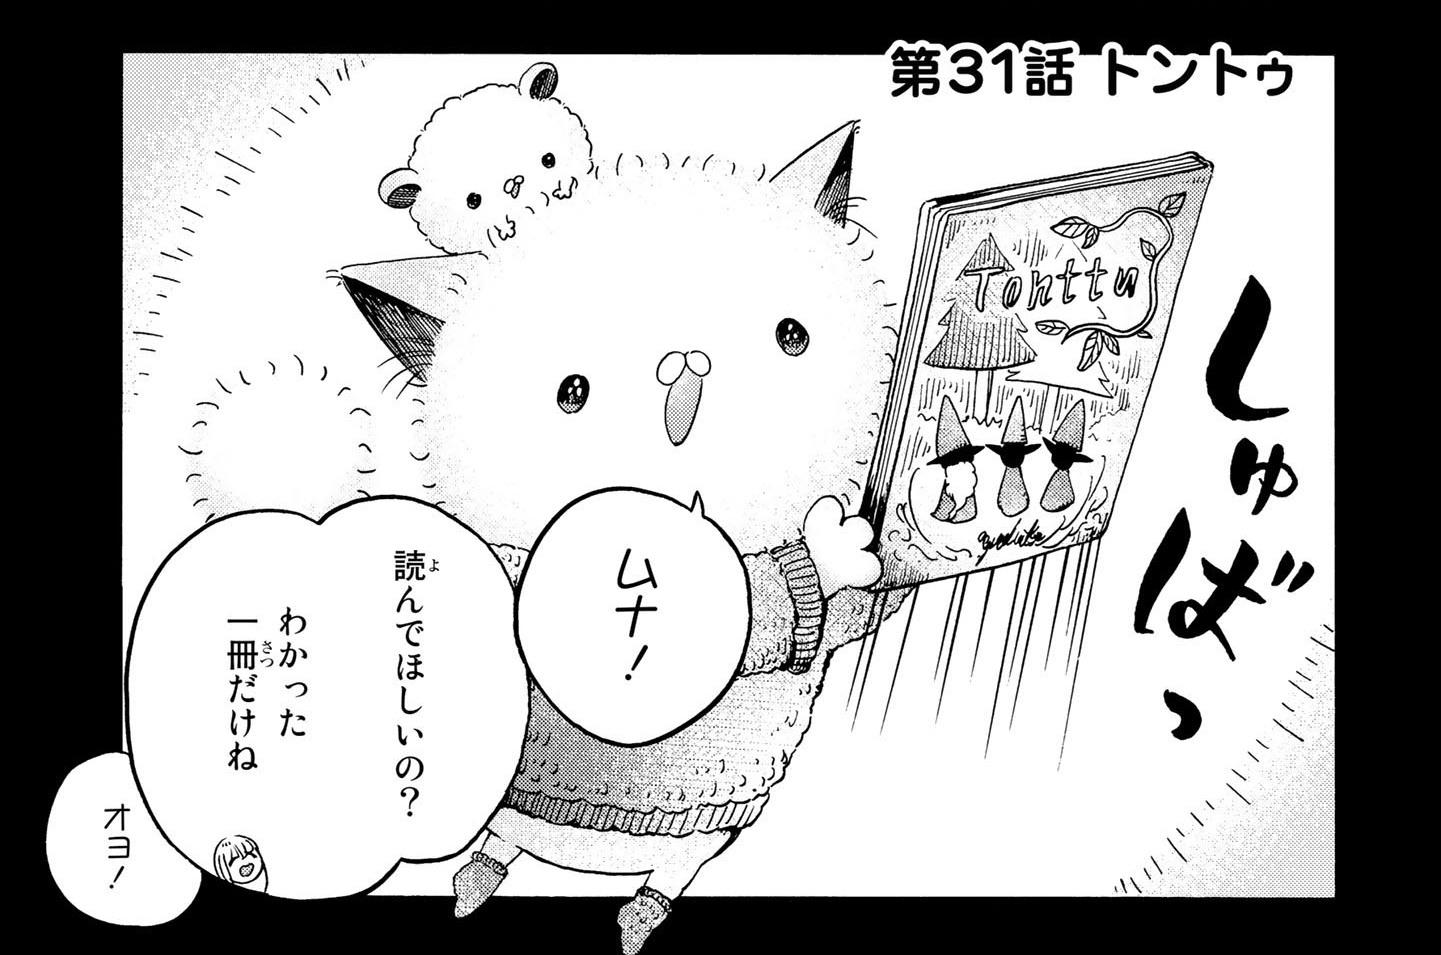 第31話「トントゥ」